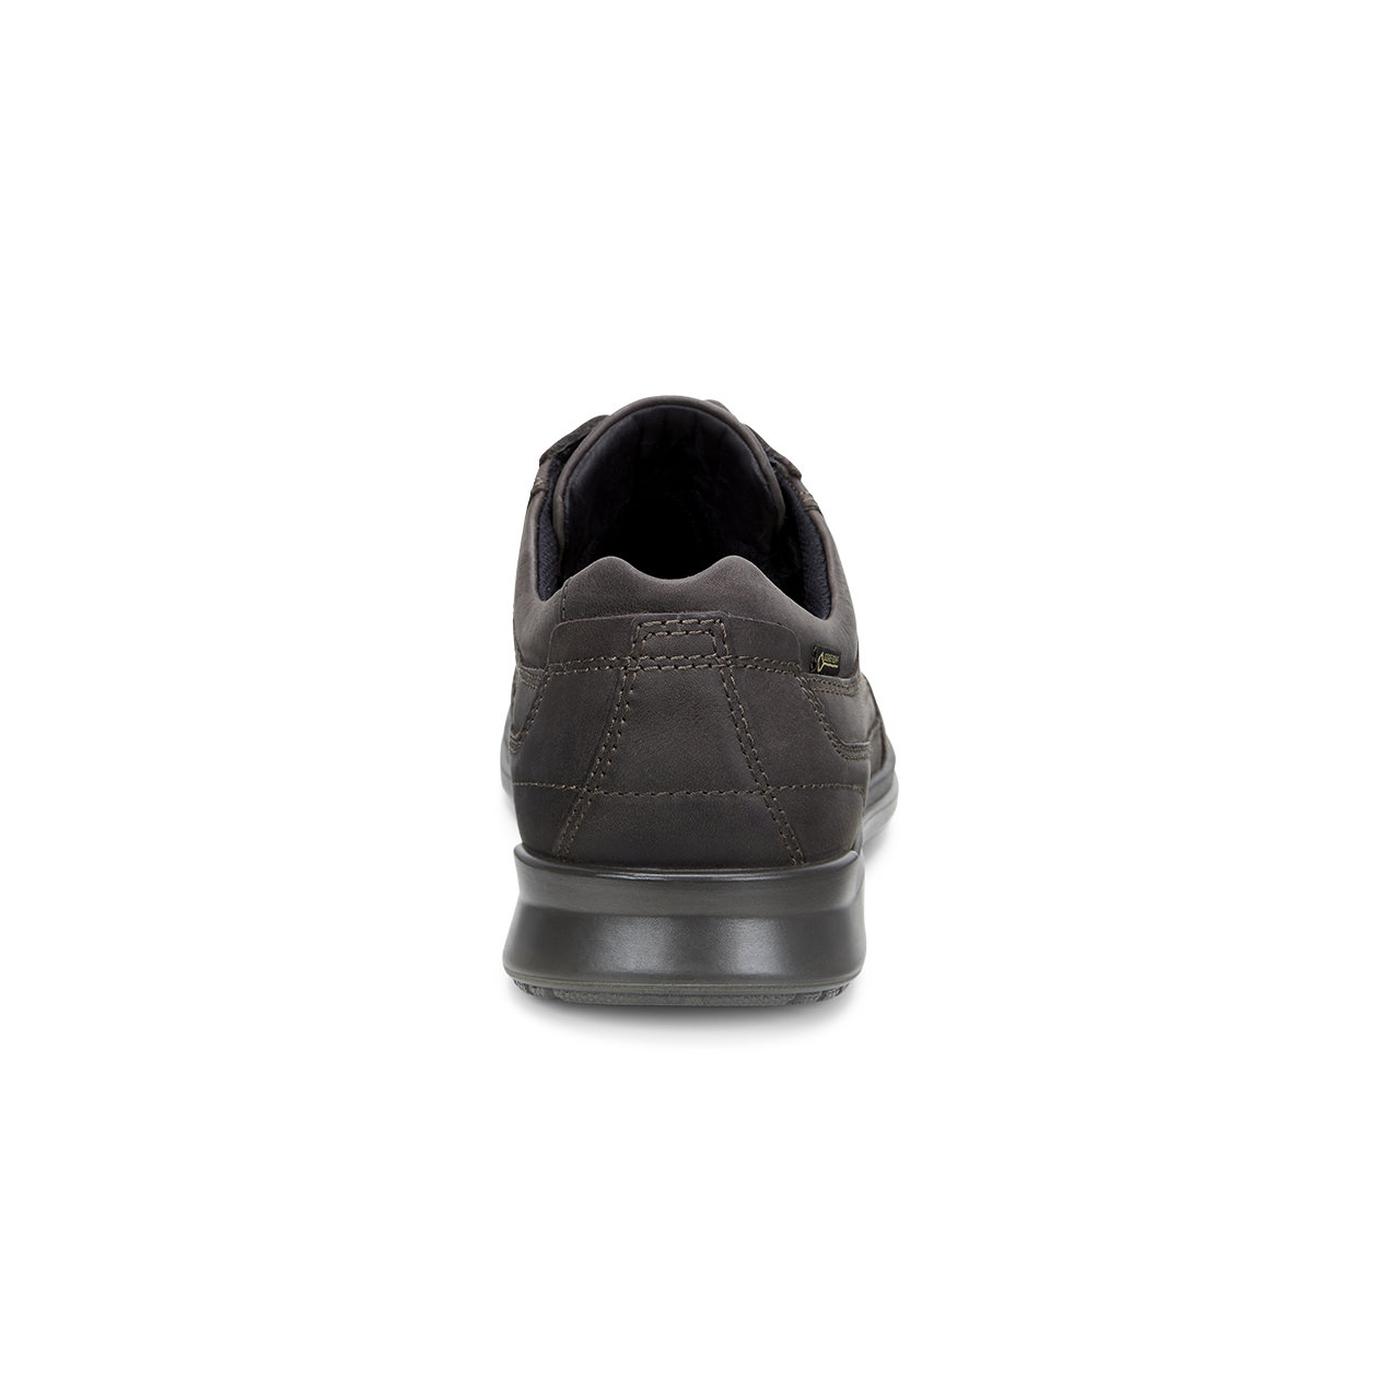 ECCO HOWELL Shoe